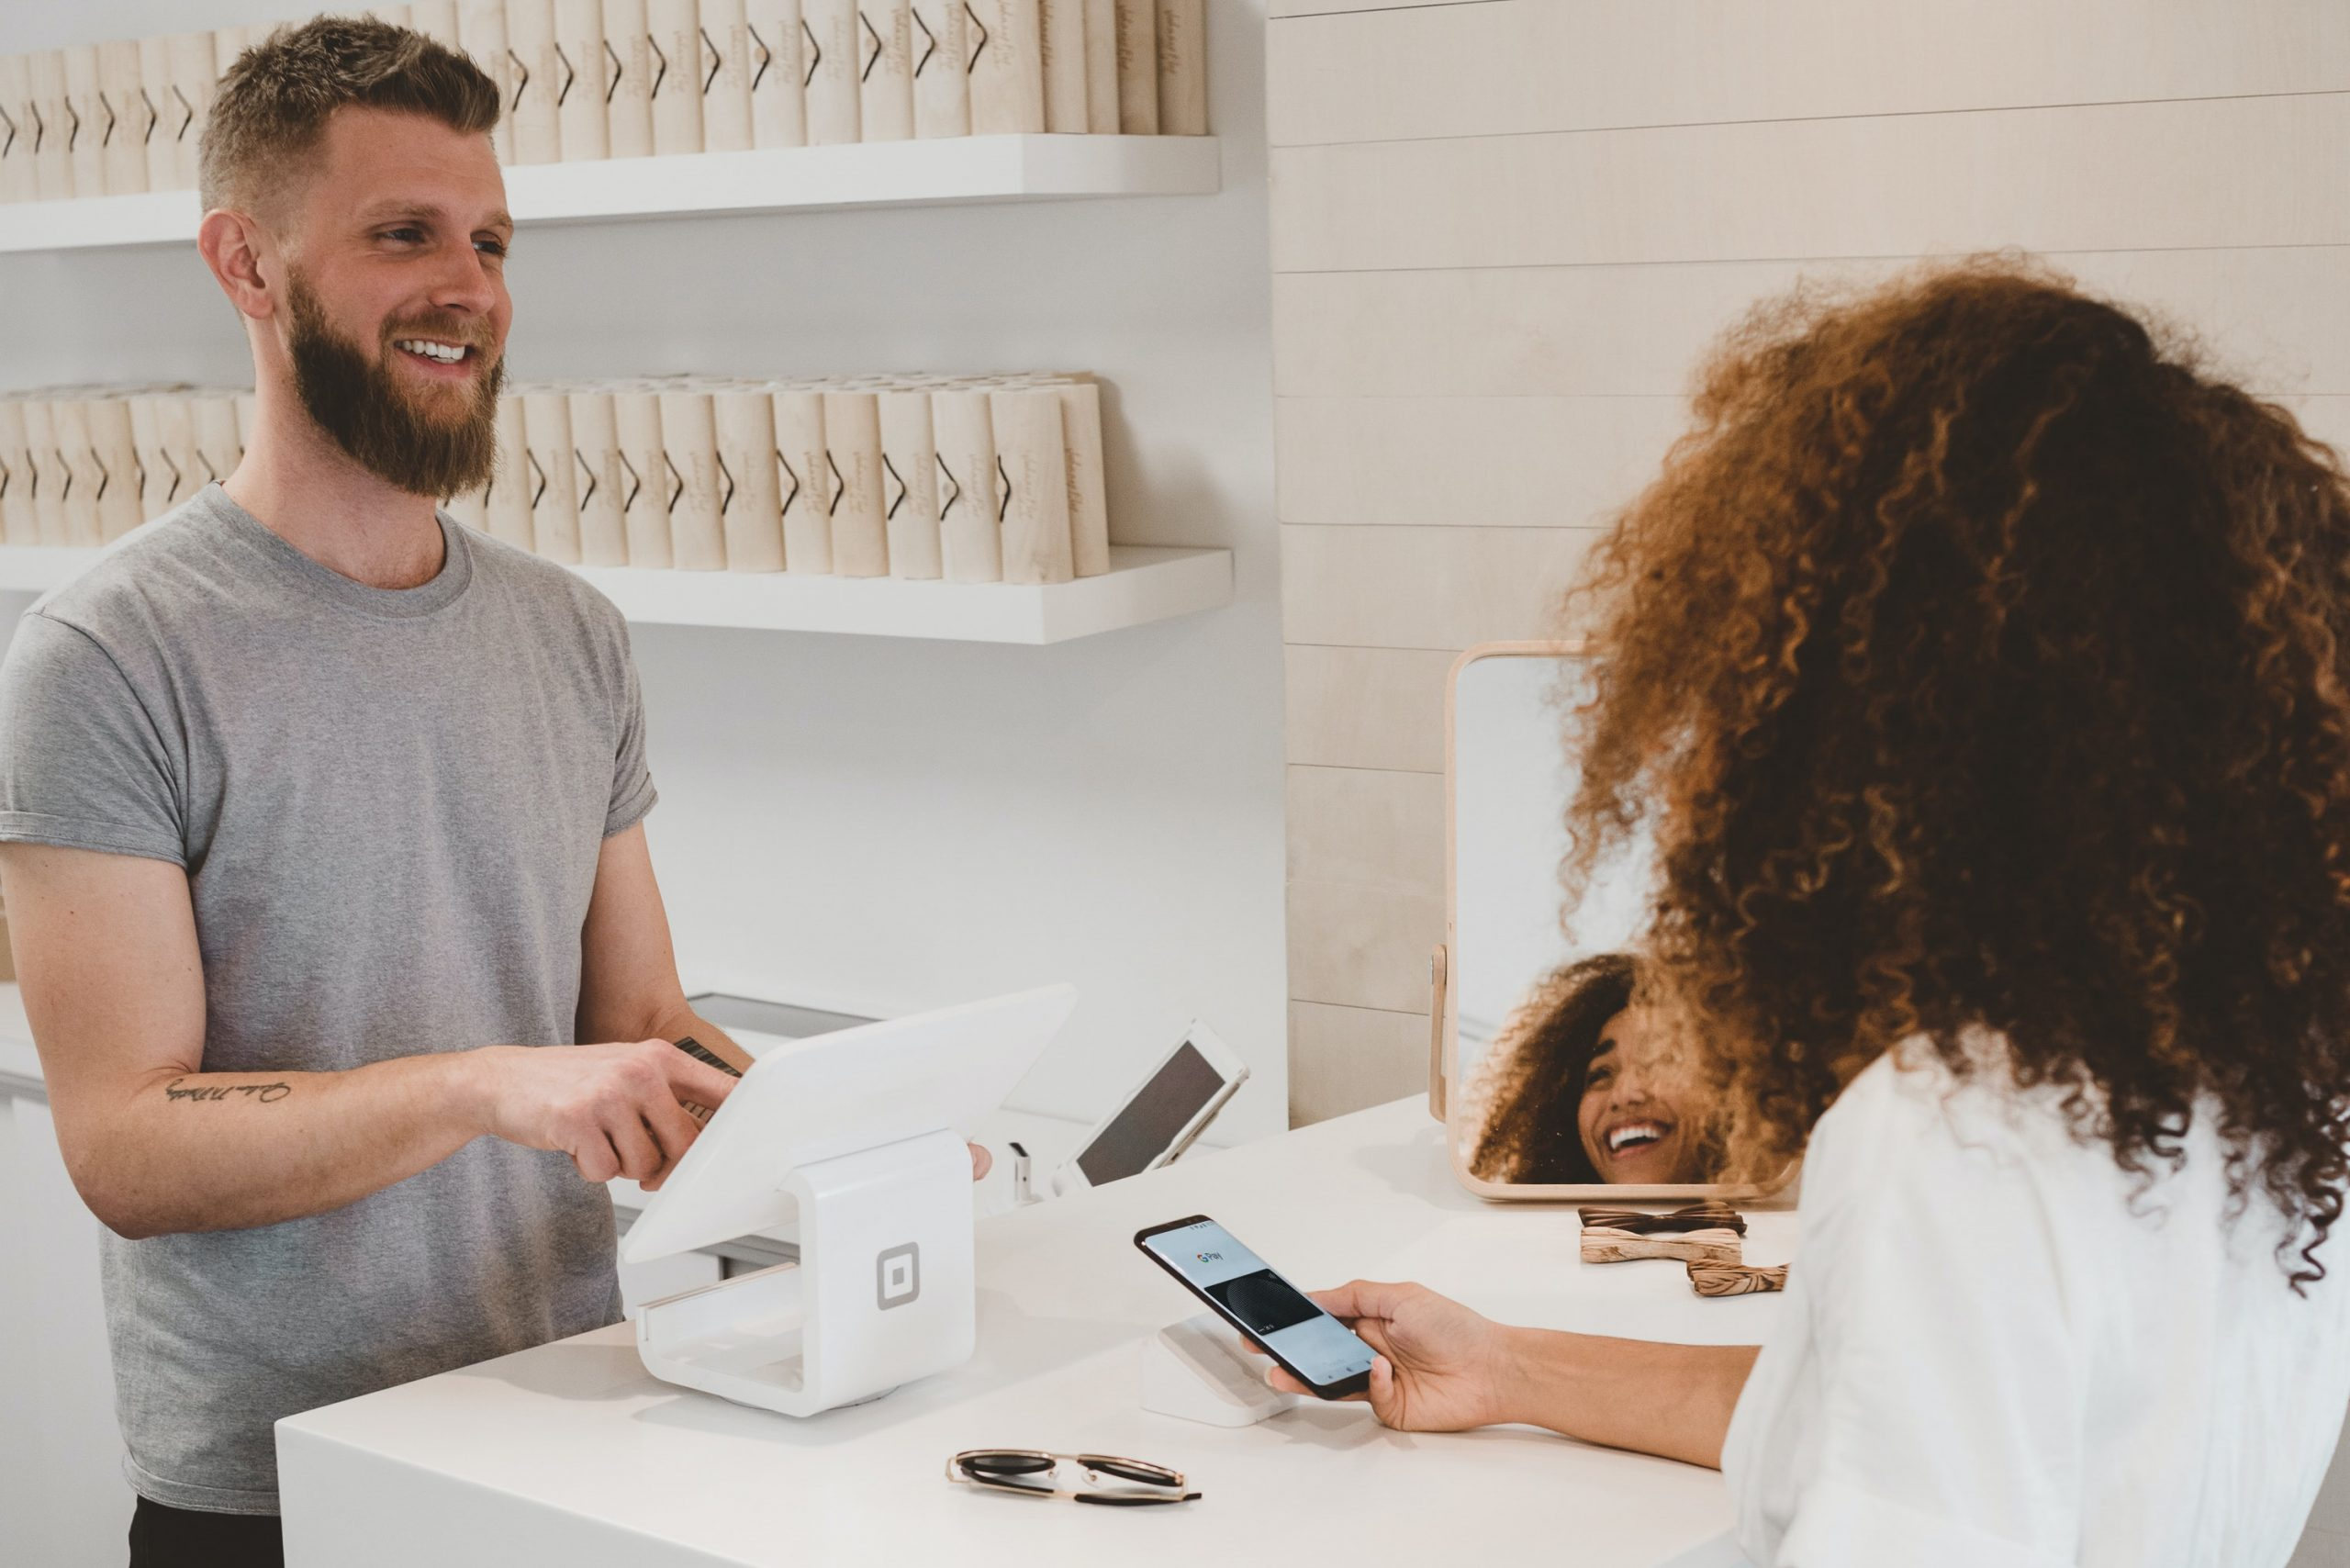 Sürdürülebilir Bir Büyüme için Müşteri Deneyimi İpuçları